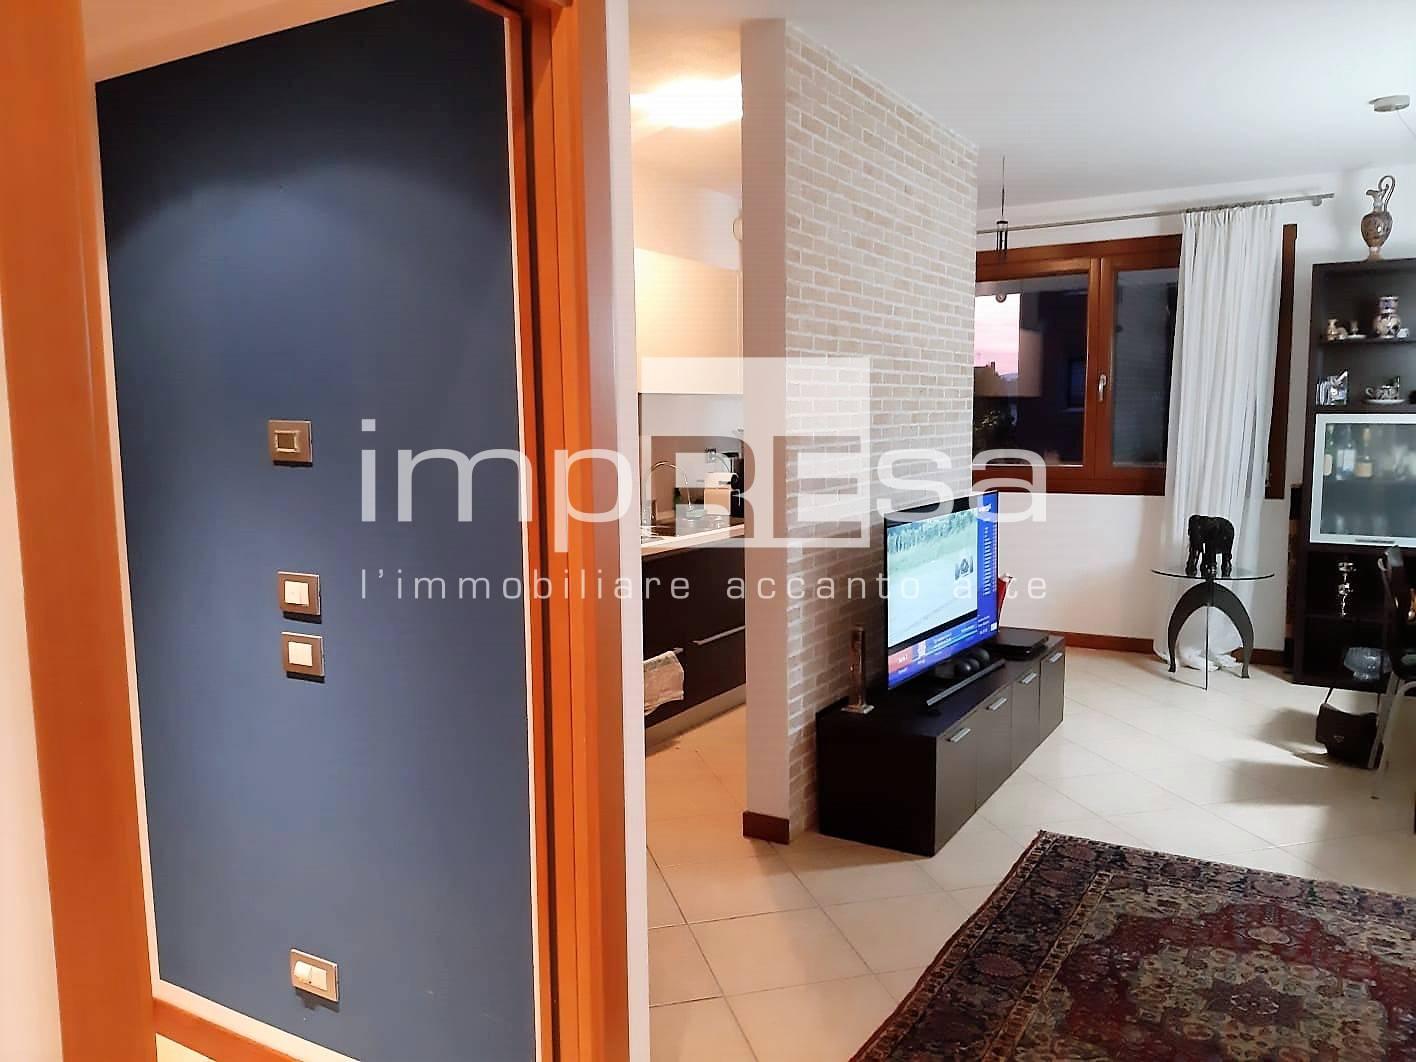 Appartamento in vendita a Conegliano, 6 locali, prezzo € 240.000   CambioCasa.it